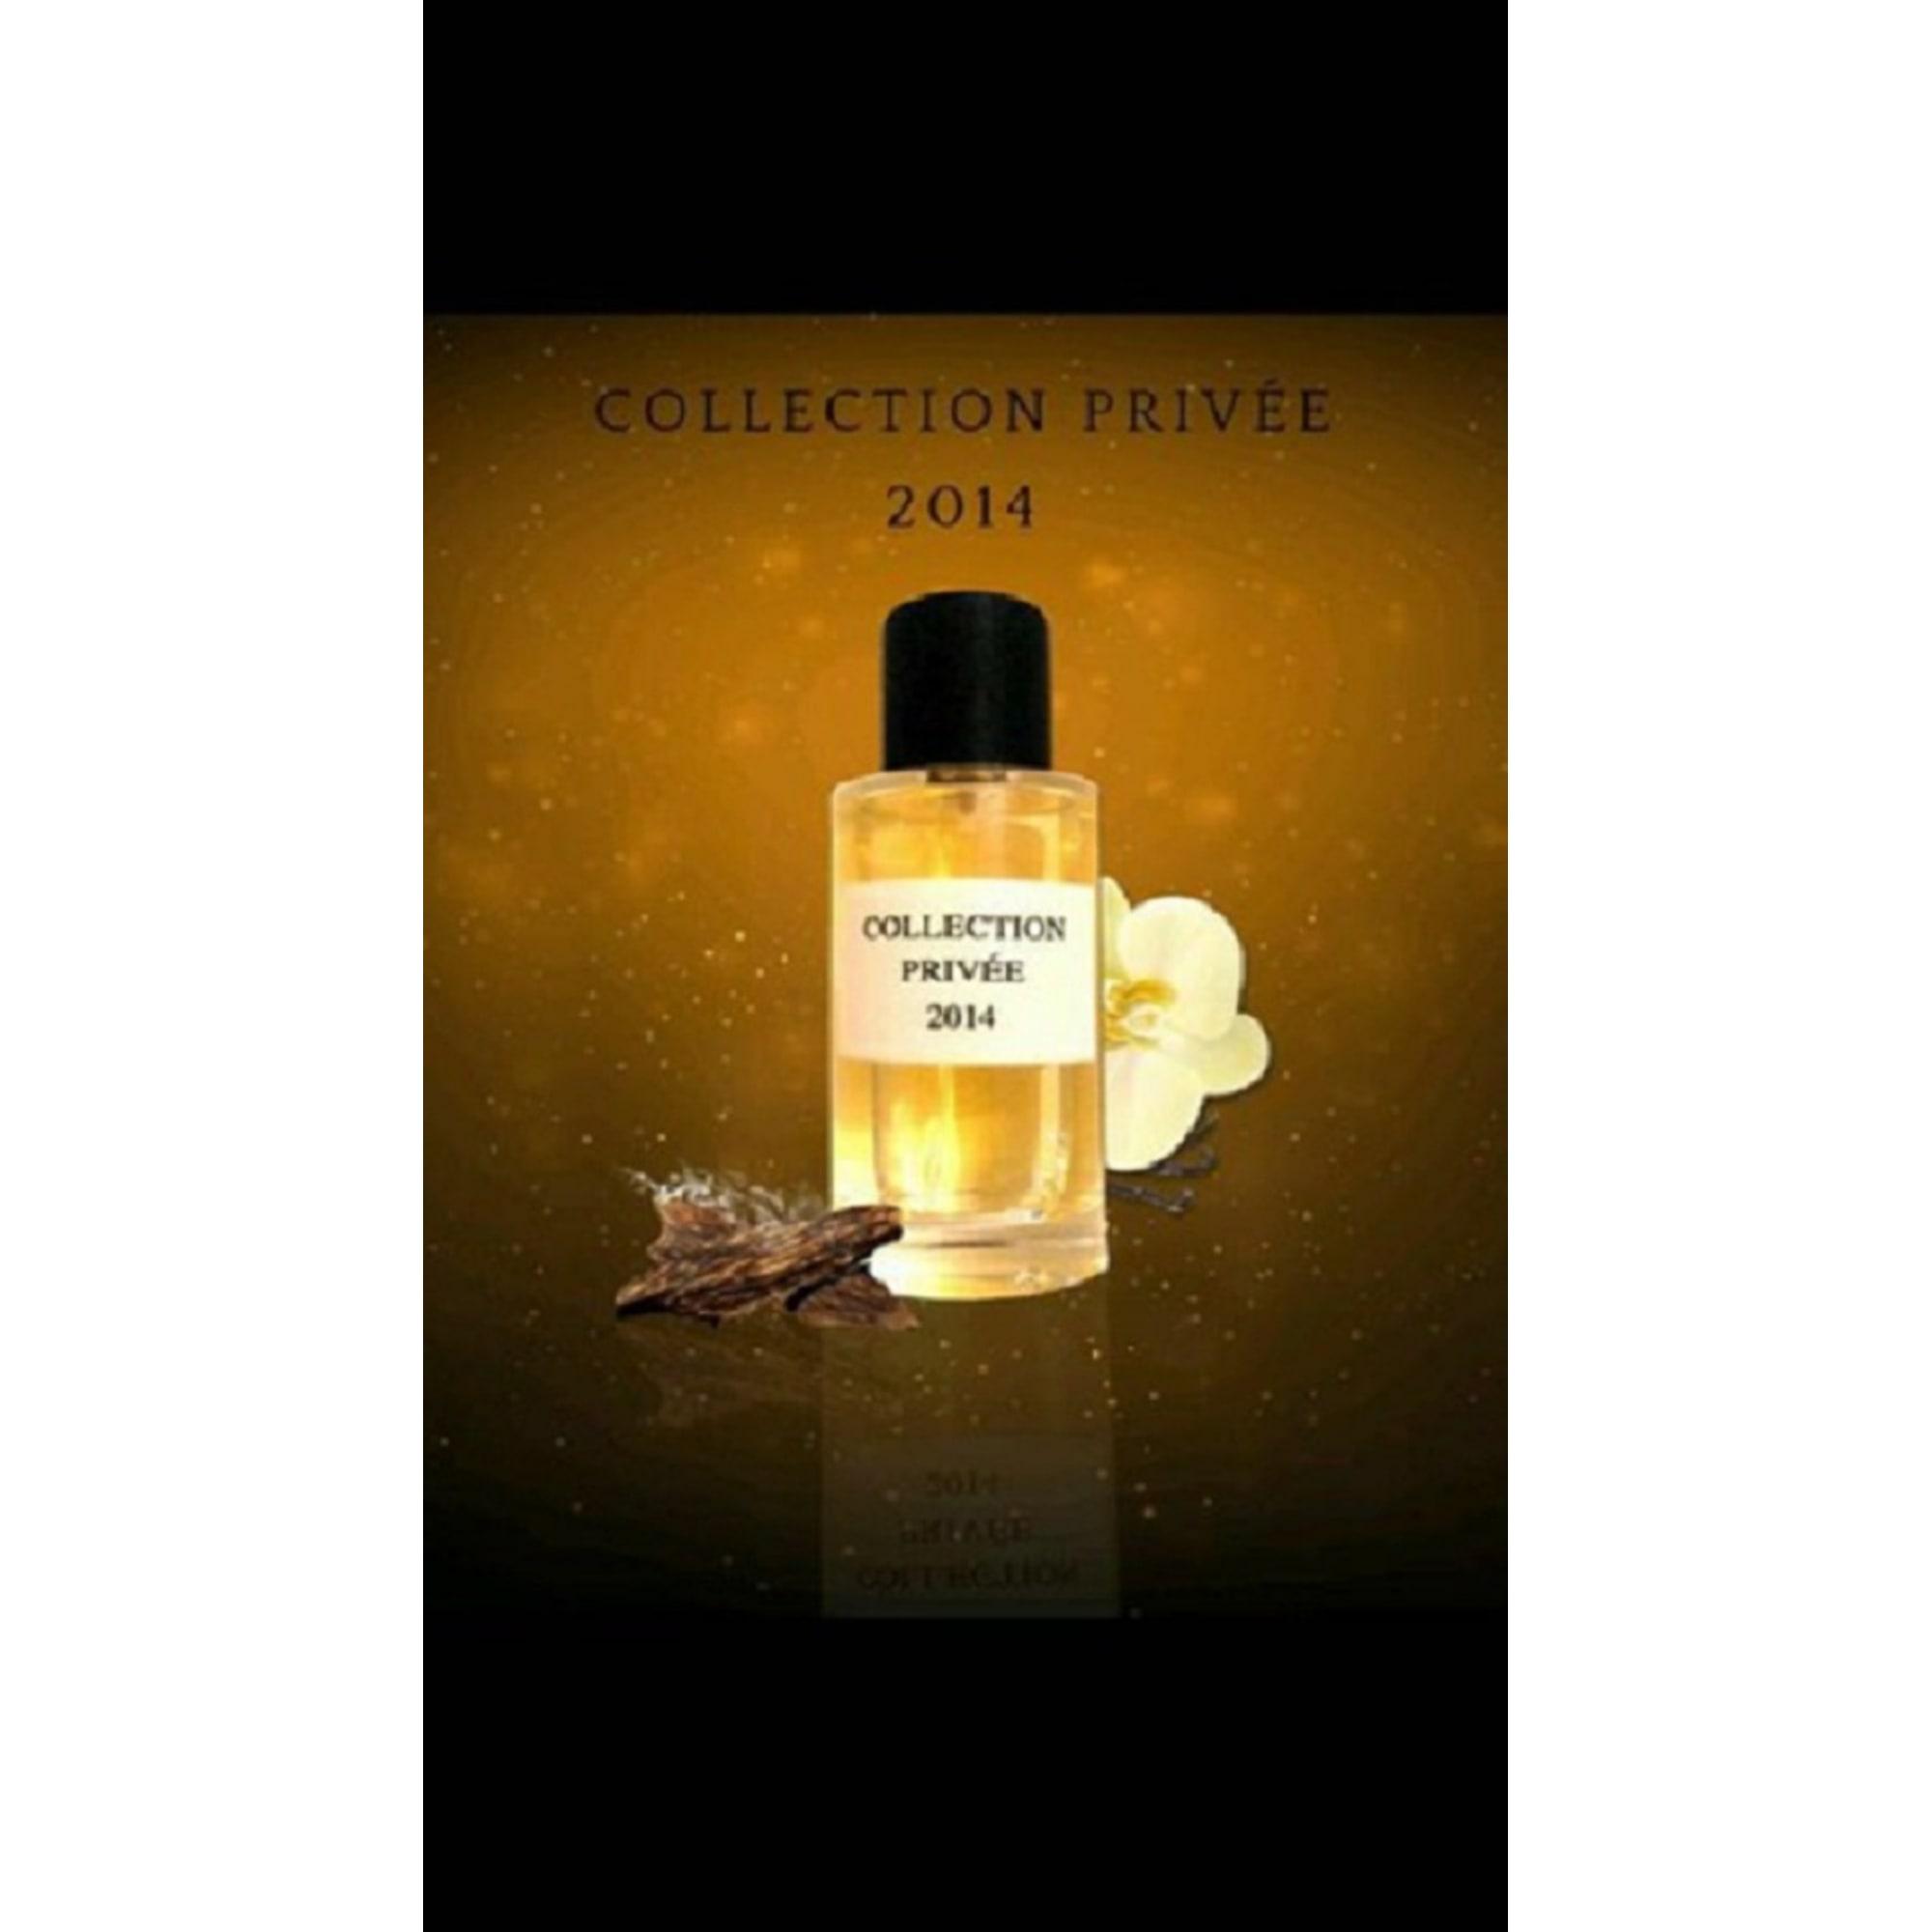 2c3bfa1524ba42 Eau de parfum BOIS D ARGENT PAS CHER - 5028180